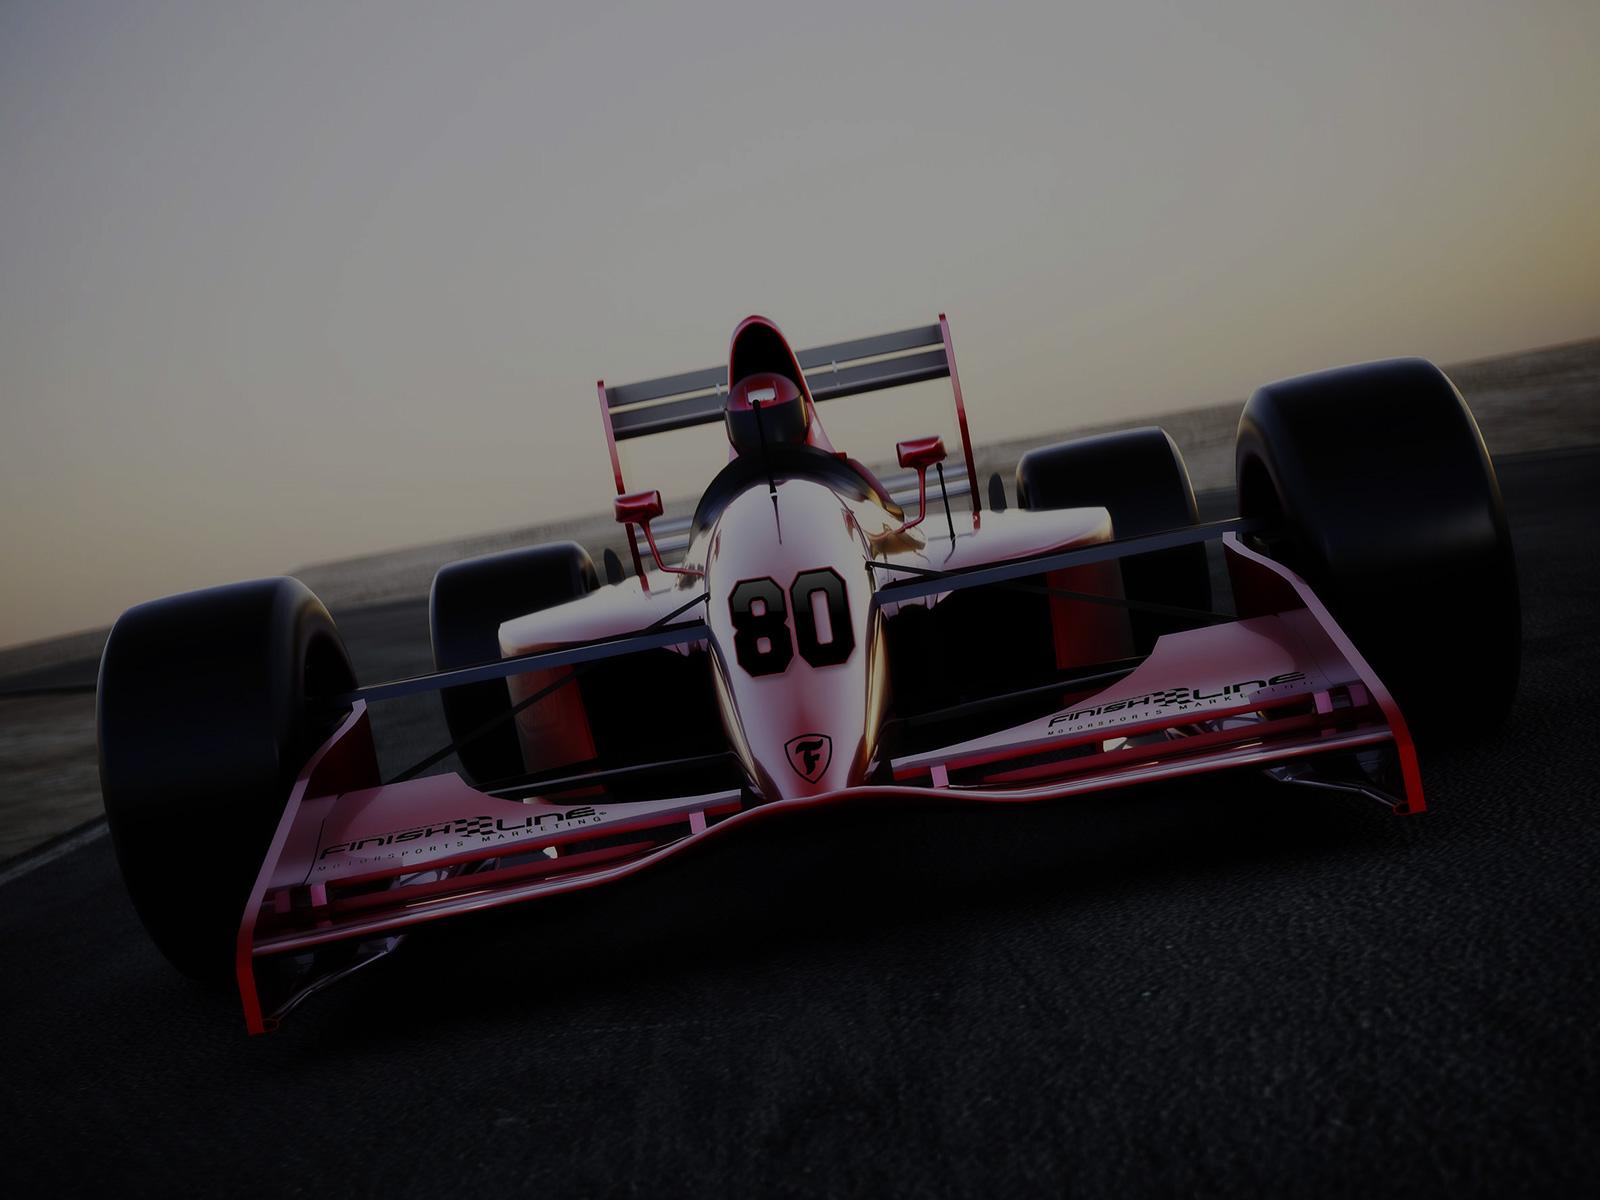 Finish Line Motorsports Marketing